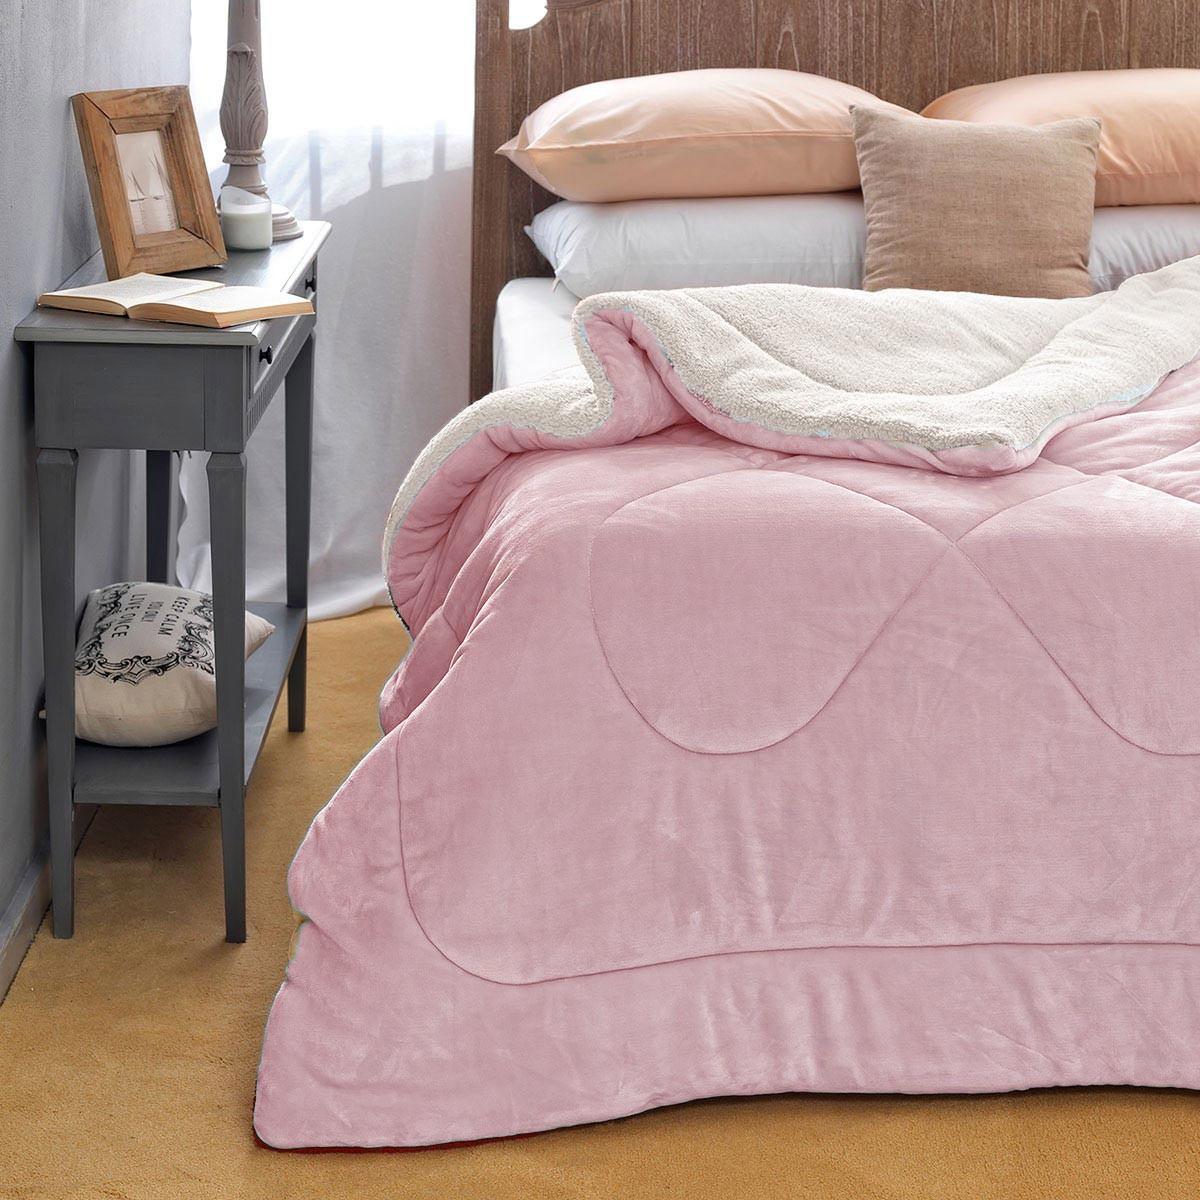 Κουβερτοπάπλωμα Υπέρδιπλο Palamaiki Sloop Pink home   κρεβατοκάμαρα   παπλώματα   κουβερτοπαπλώματα